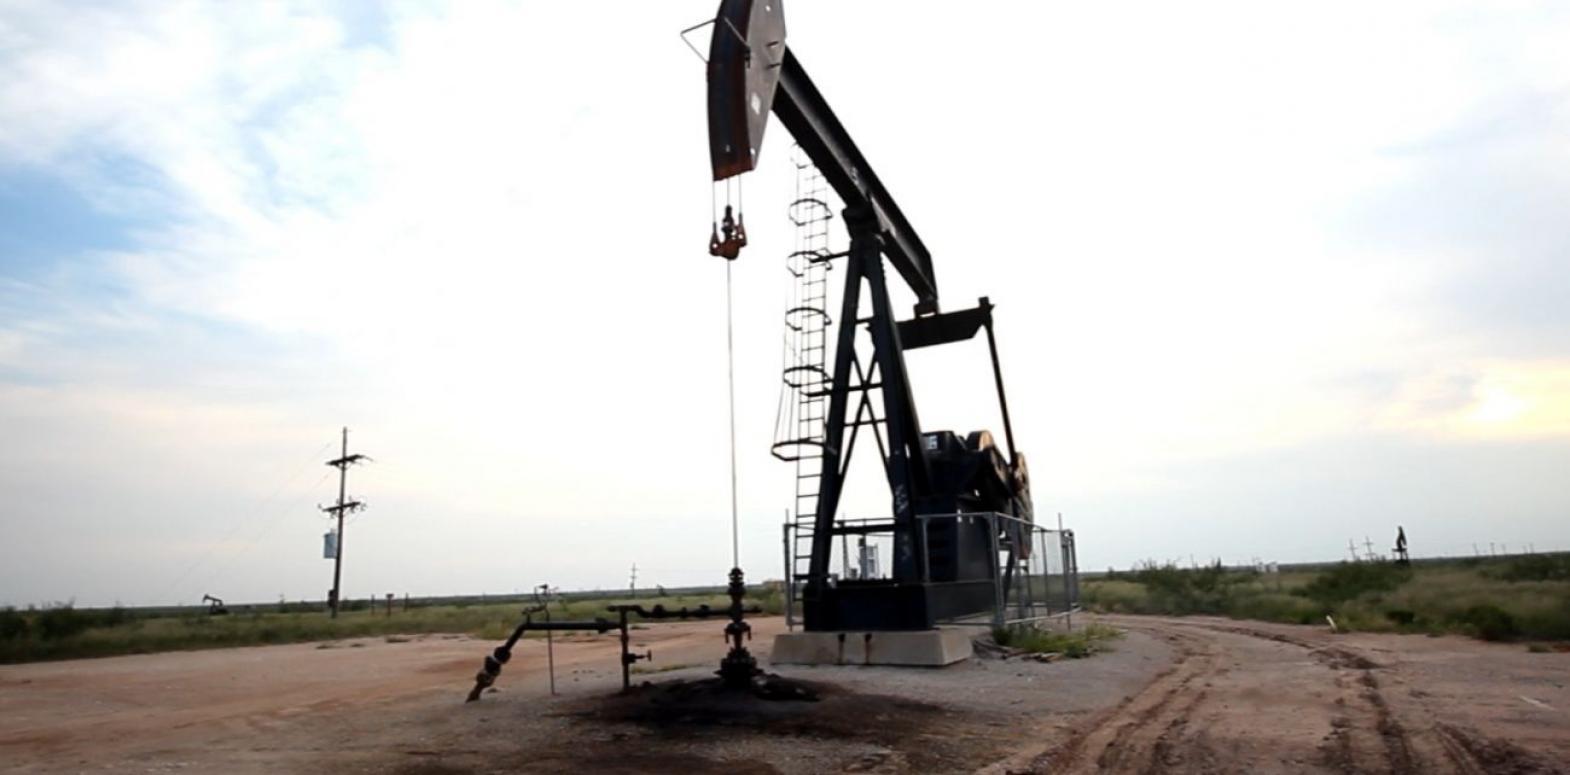 Нефть дорожает после атаки дронов на объекты в Саудовской Аравии